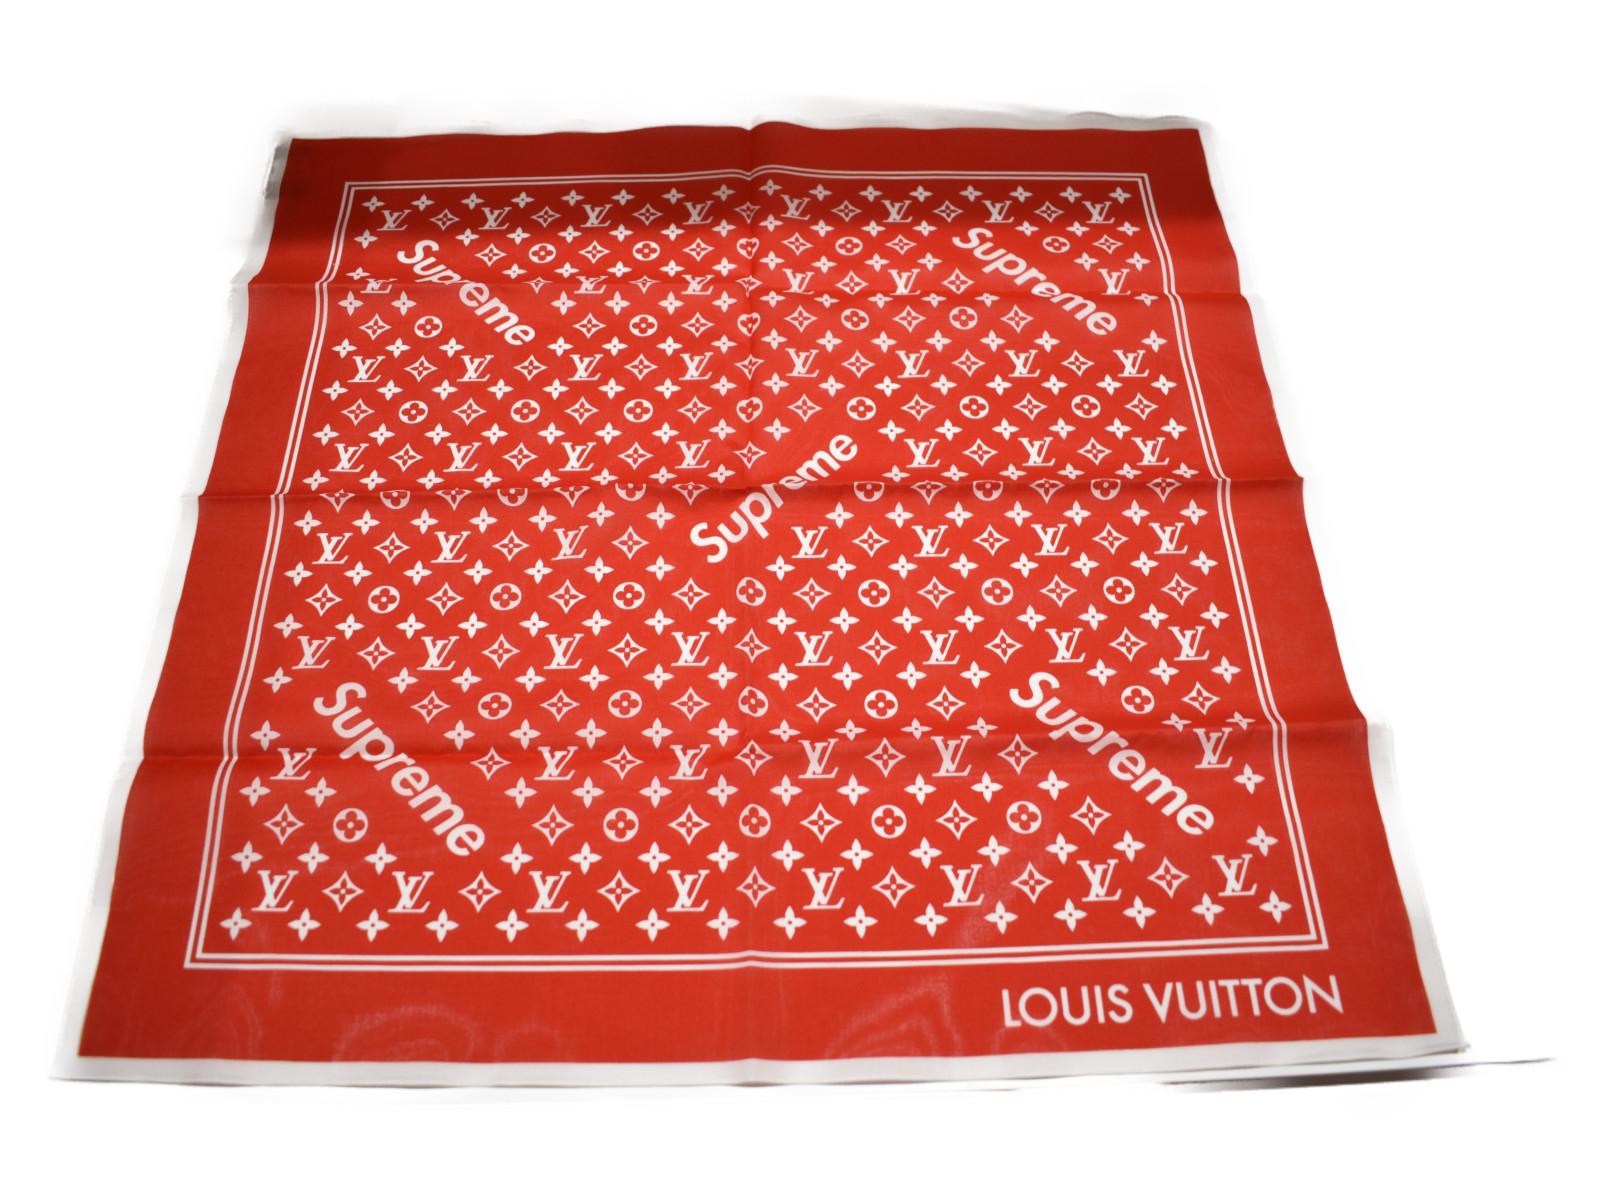 【☆中古未使用品☆】LOUIS VUITTONSupreme バンダナコラボ商品 小物プレゼント包装可